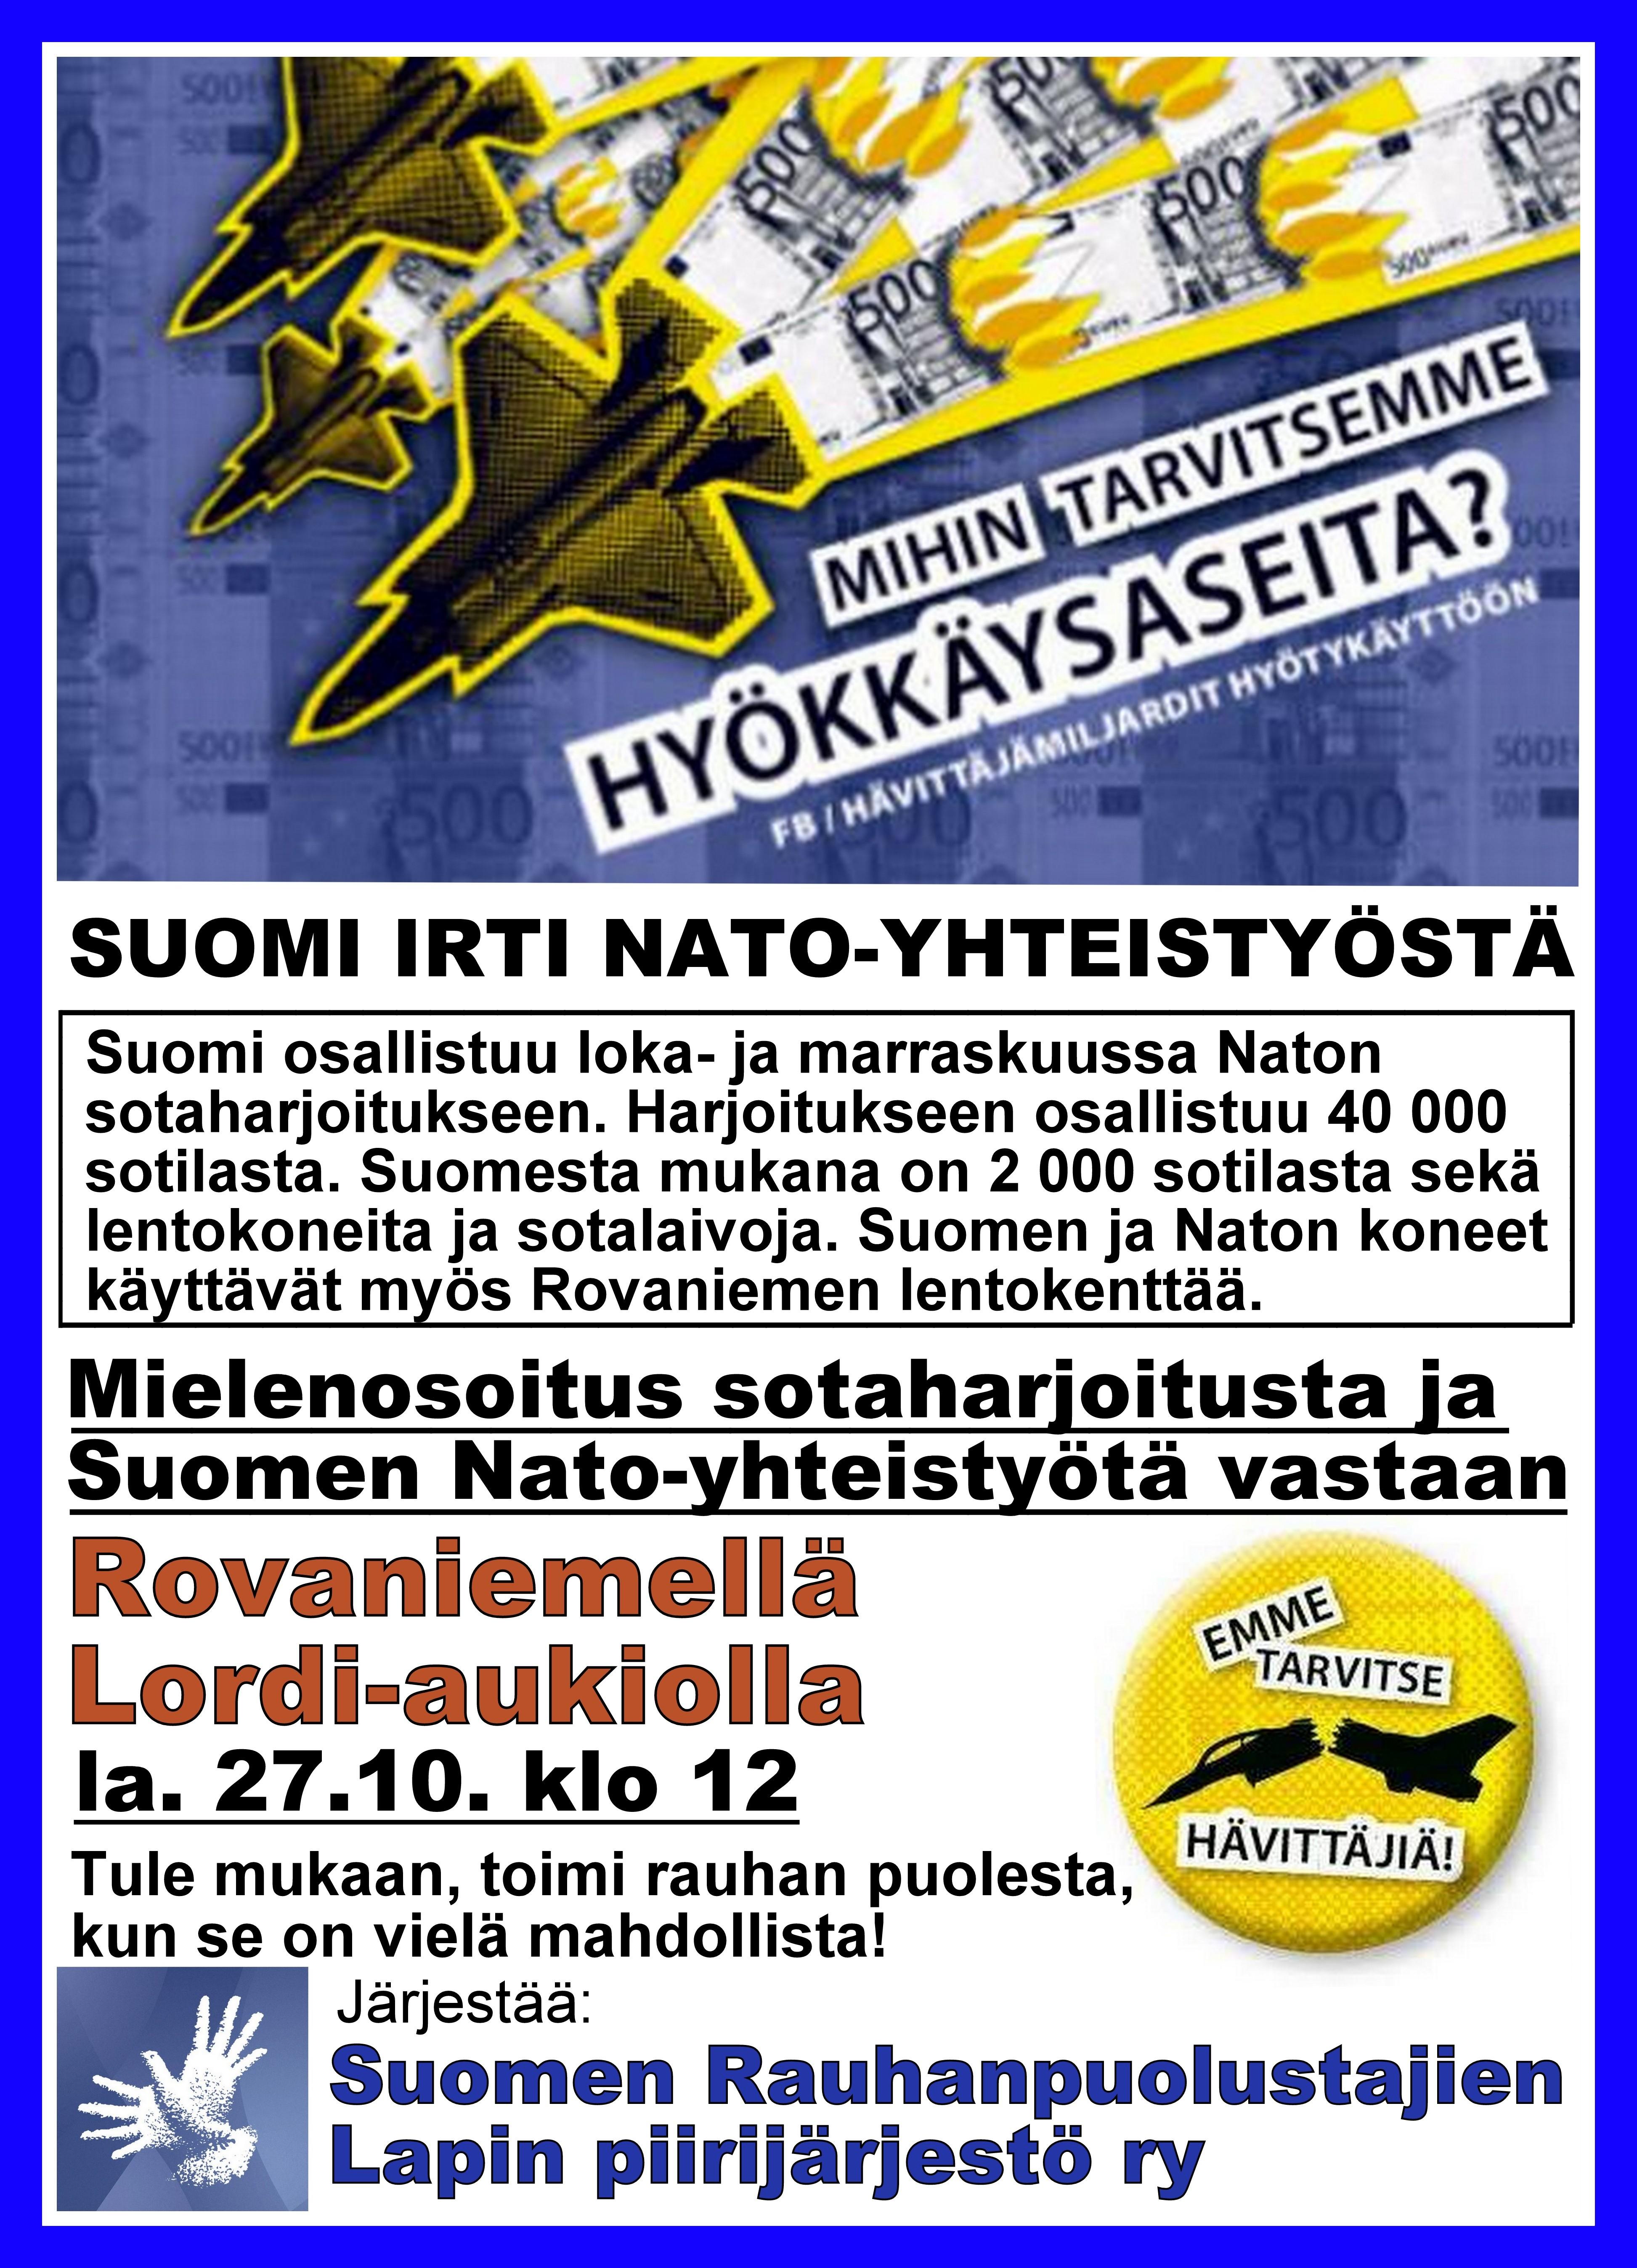 Suomi irti Nato-yhteistyöstä, Rovaniemi